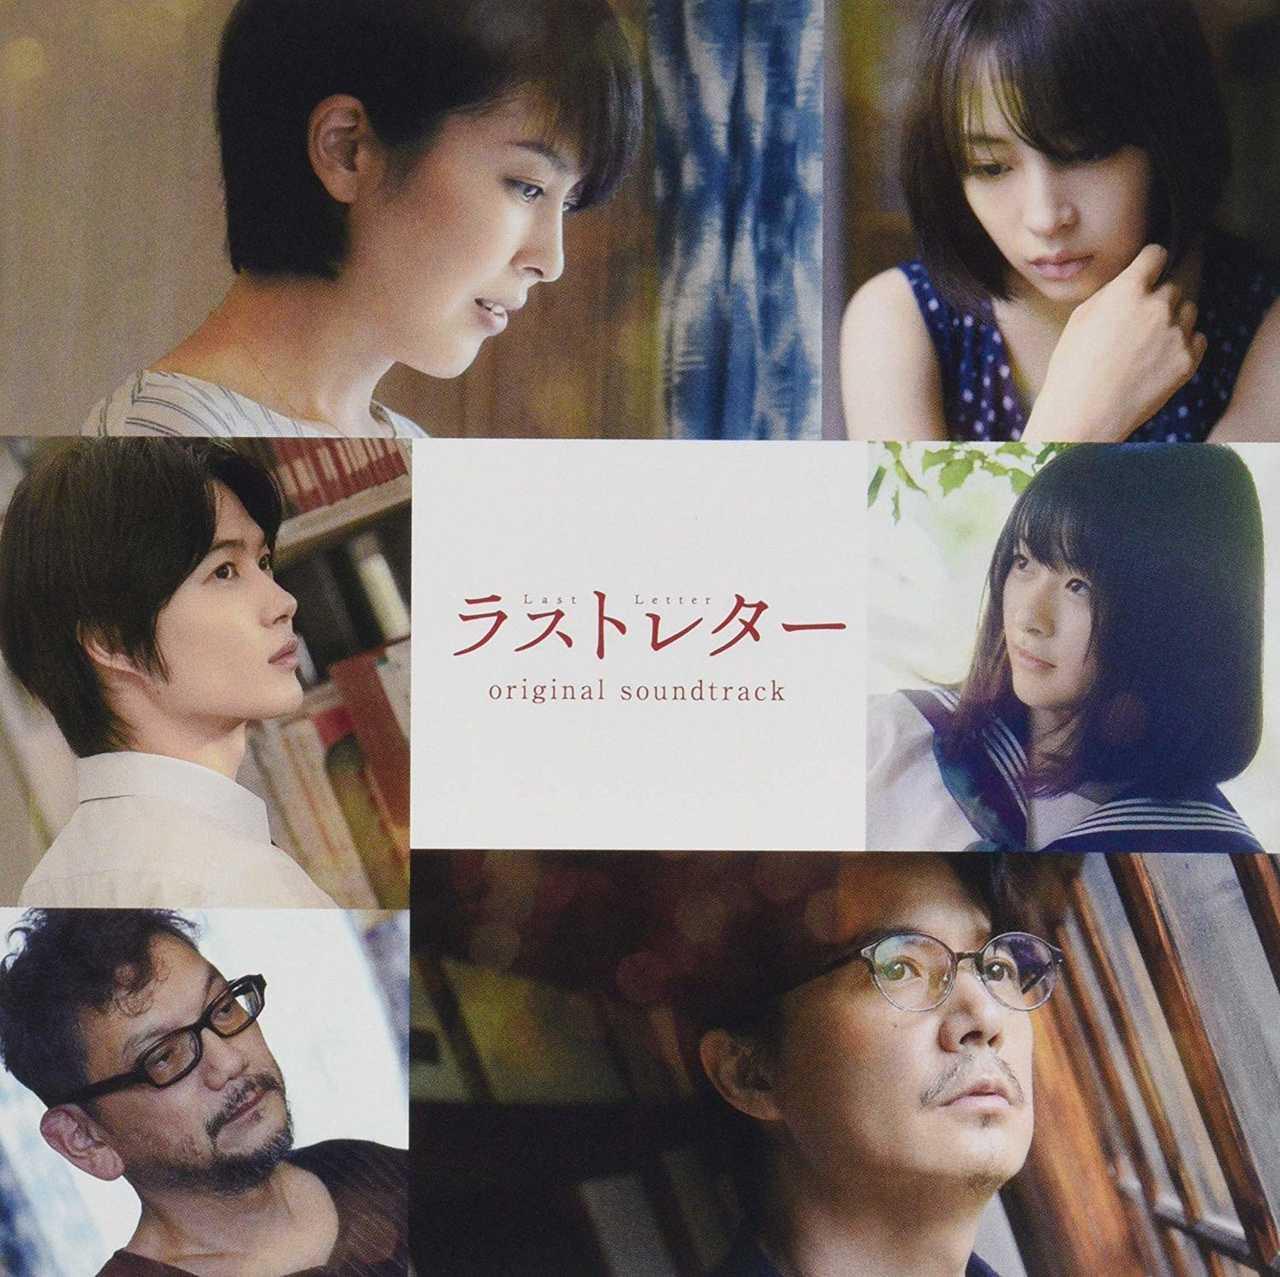 読めない「手紙」から始まる…日本映画史に残るラブストーリー映画「ラストレター」